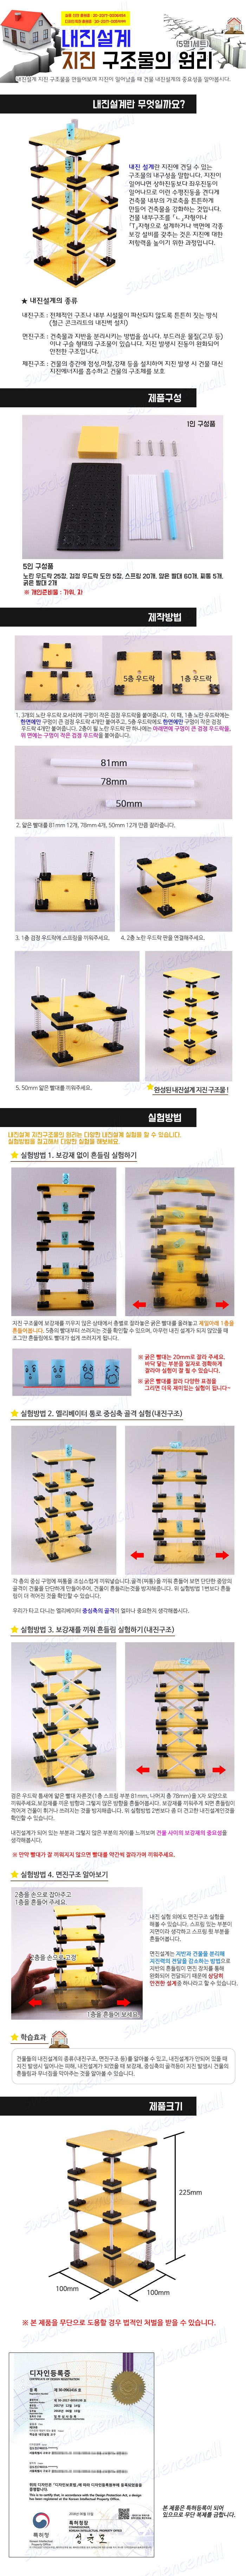 내진설계 지진구조물의 원리(5명1세트).jpg